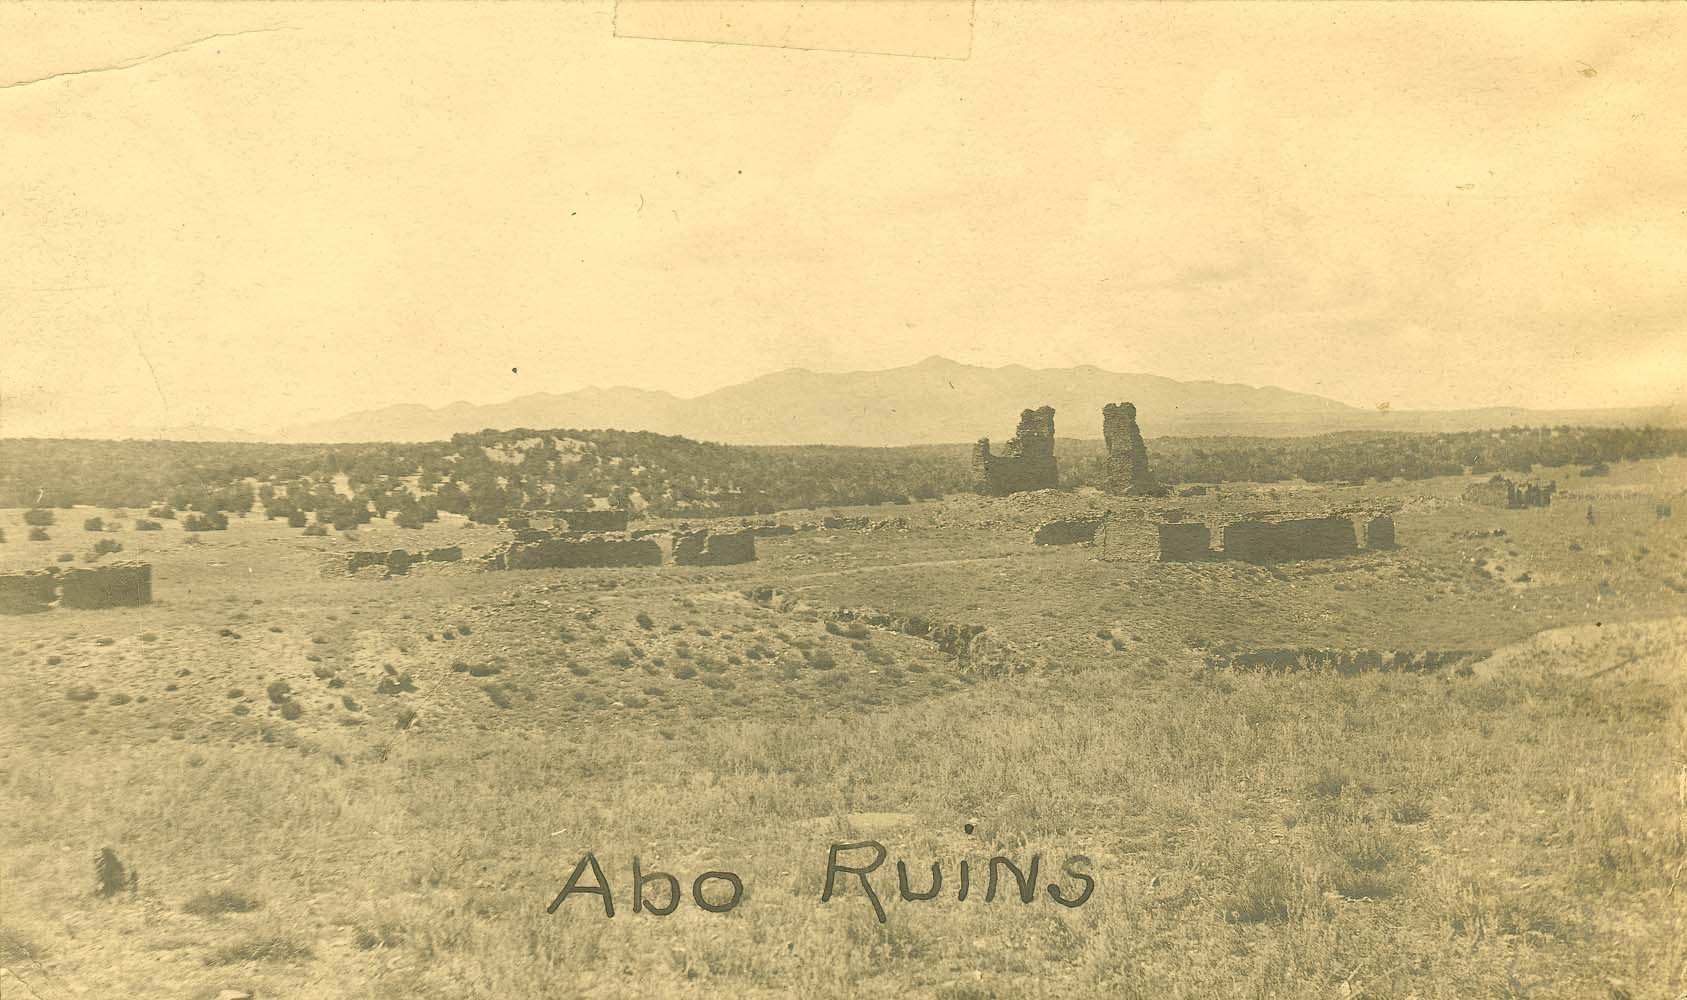 Abo ruins, Abo Canyon, New Mexico